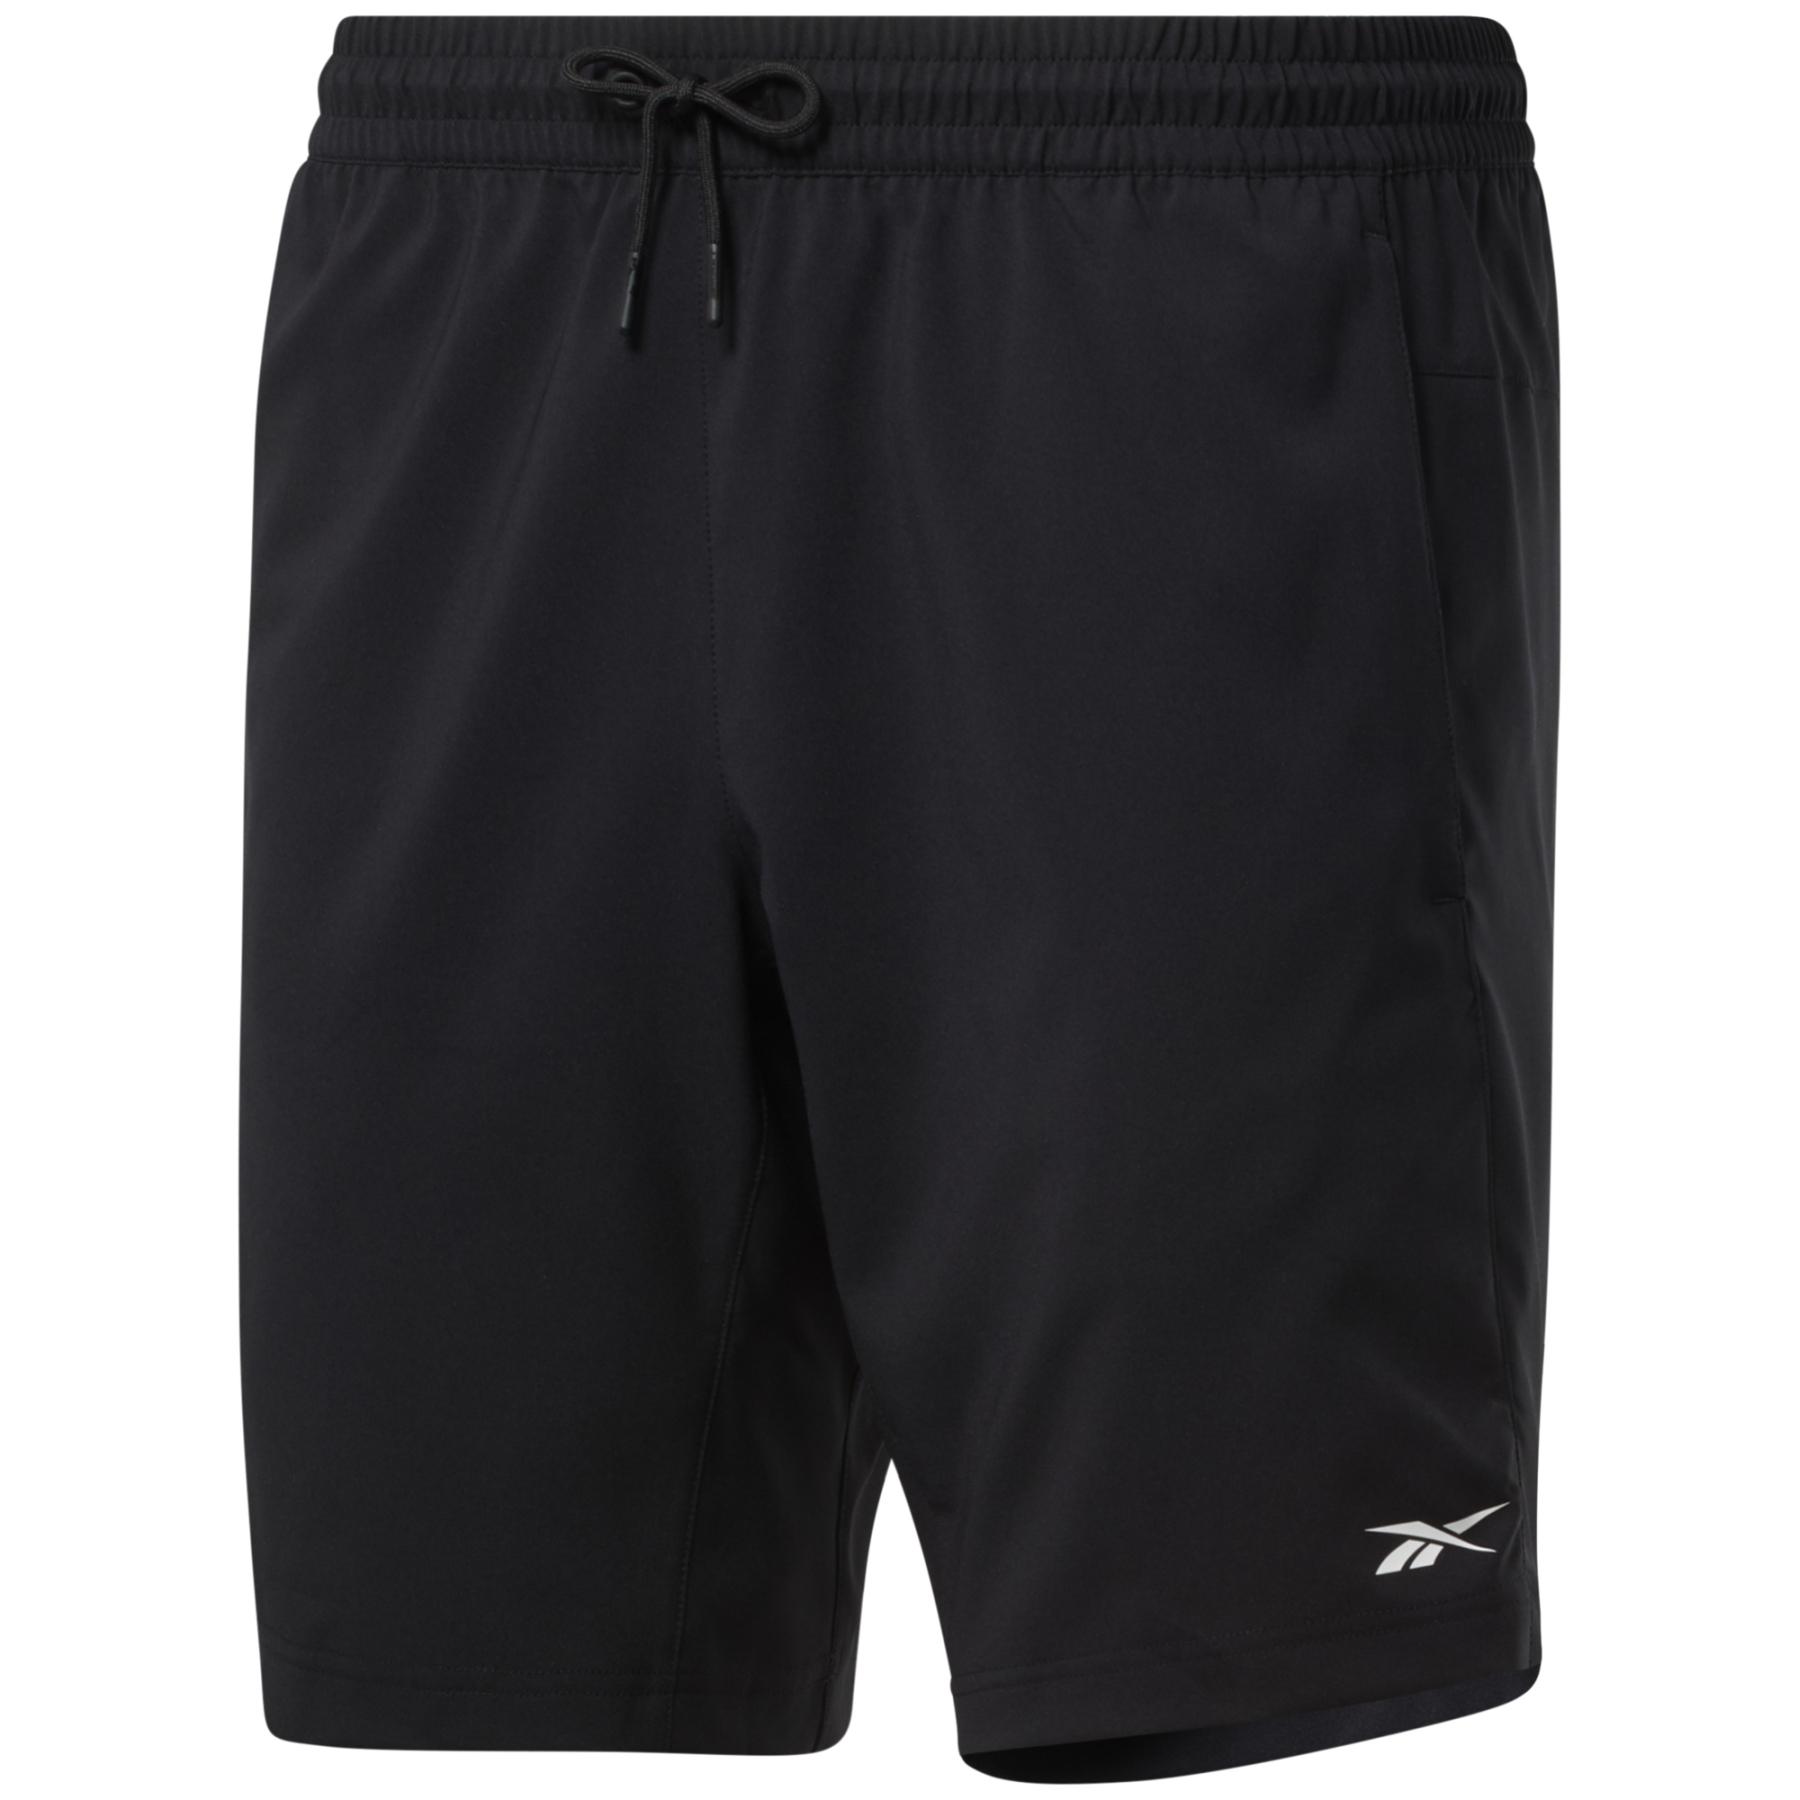 Reebok Workout Ready Woven Shorts - black GJ0854